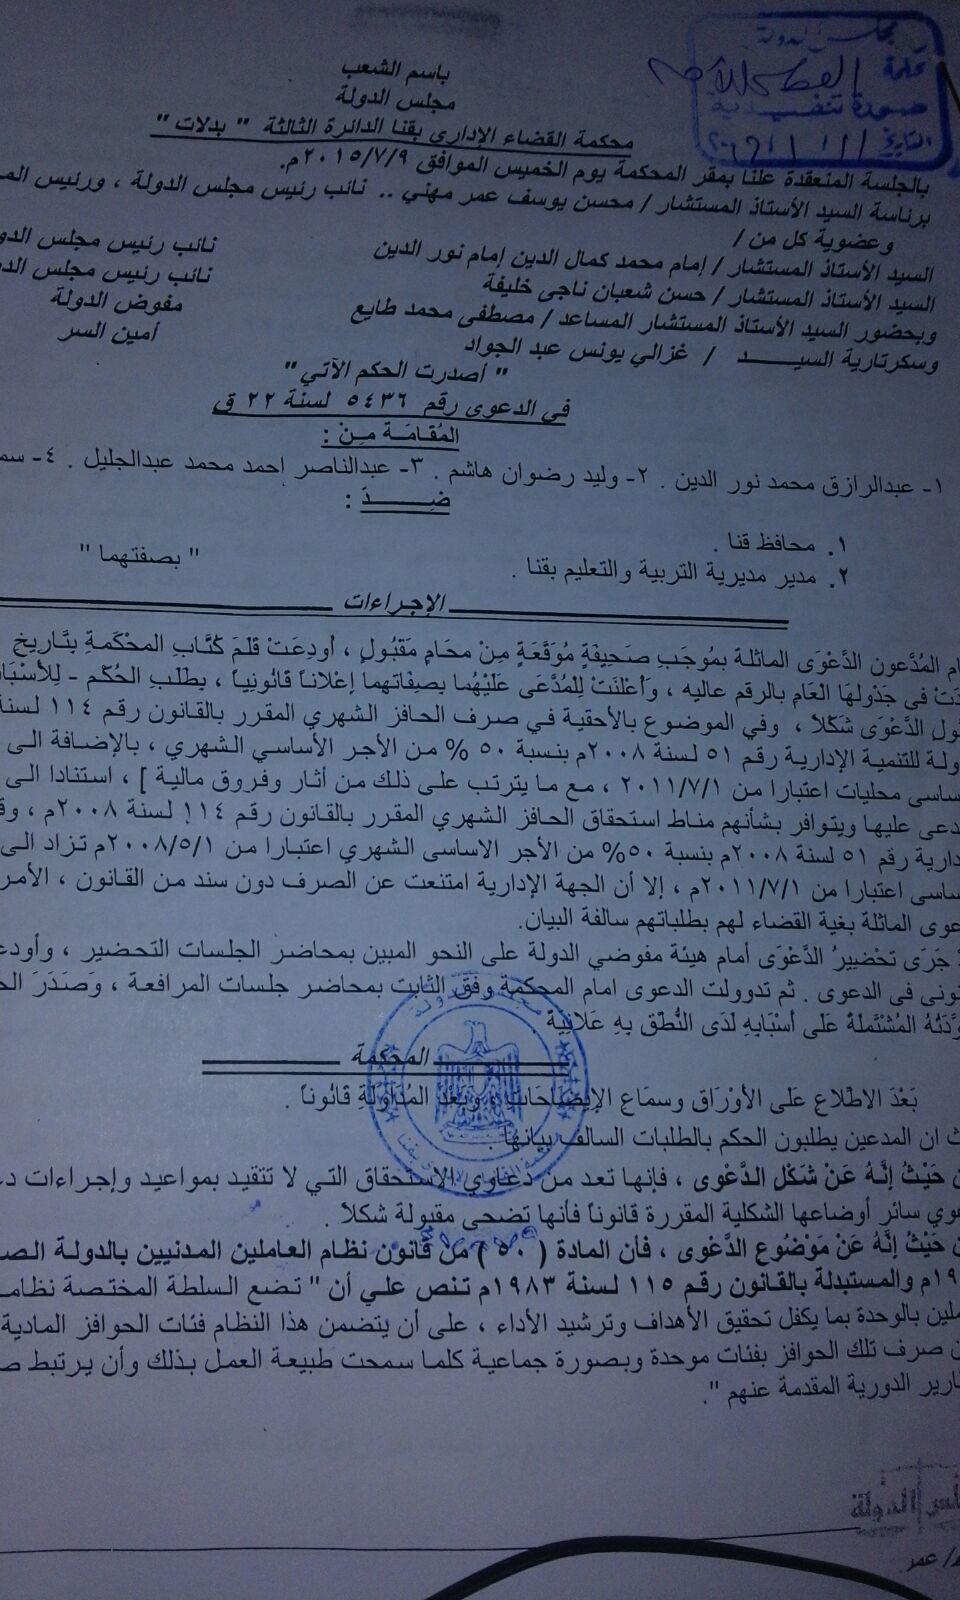 معلمون في قنا يشكون رفض تطبيق حكم حصولهم على حافز إثابة 200%